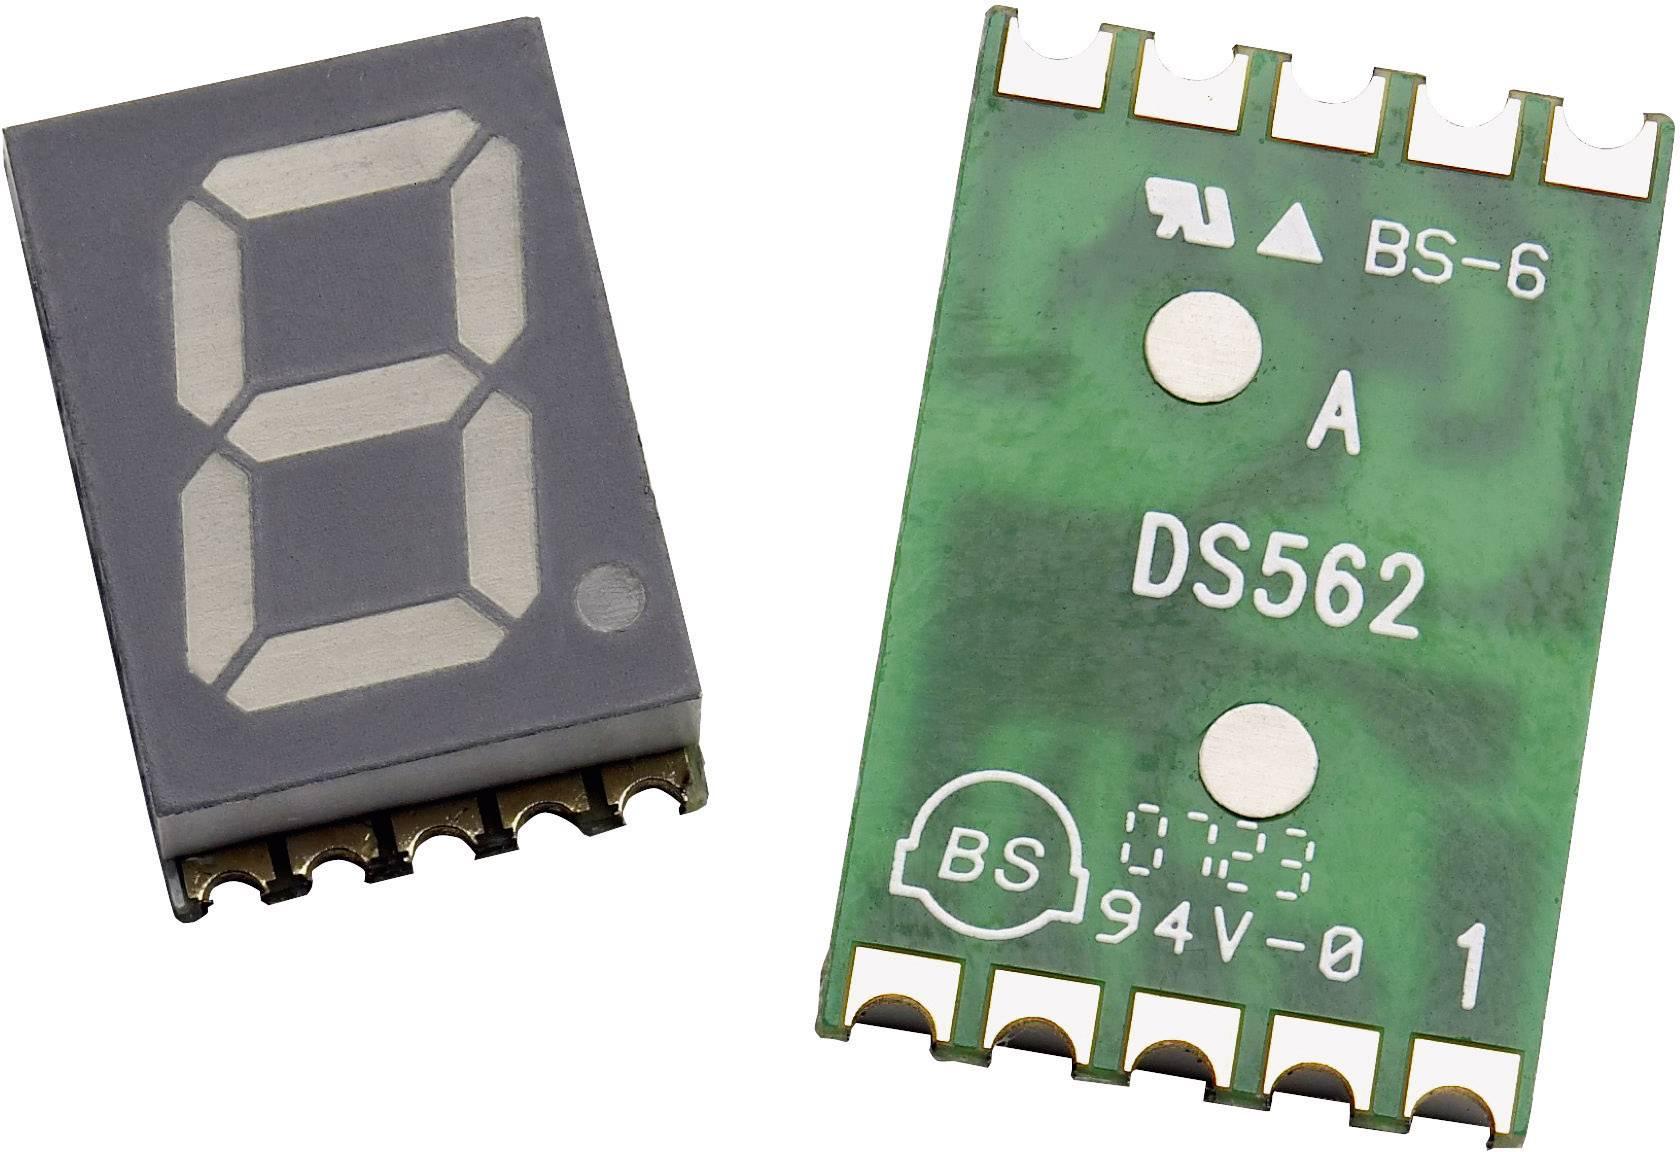 7-segmentový displej Broadcom HDSM-431L, číslic 1, 10 mm, 2.1 V, oranžová